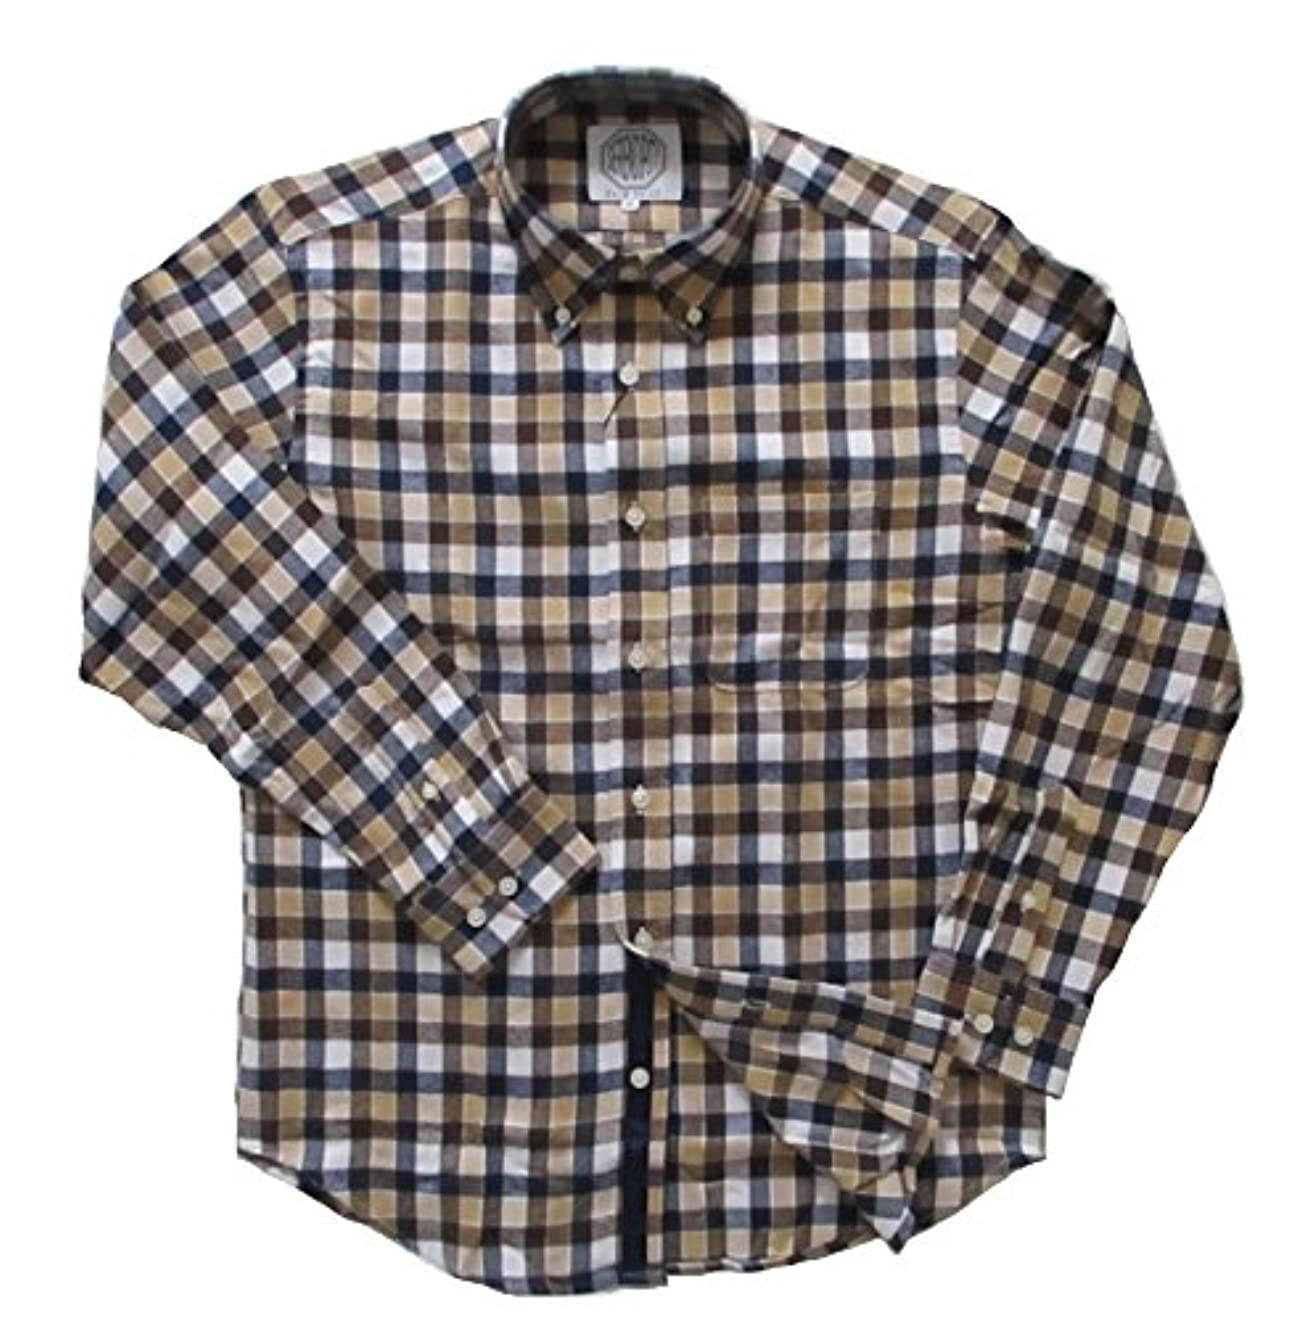 近代化する時間とともにこの(フェアヴァリュー)FAIRVALUE  ネルシャツ 長袖 ボタンダウンシャツ 綿100% 細身 (M, ブラウン系)